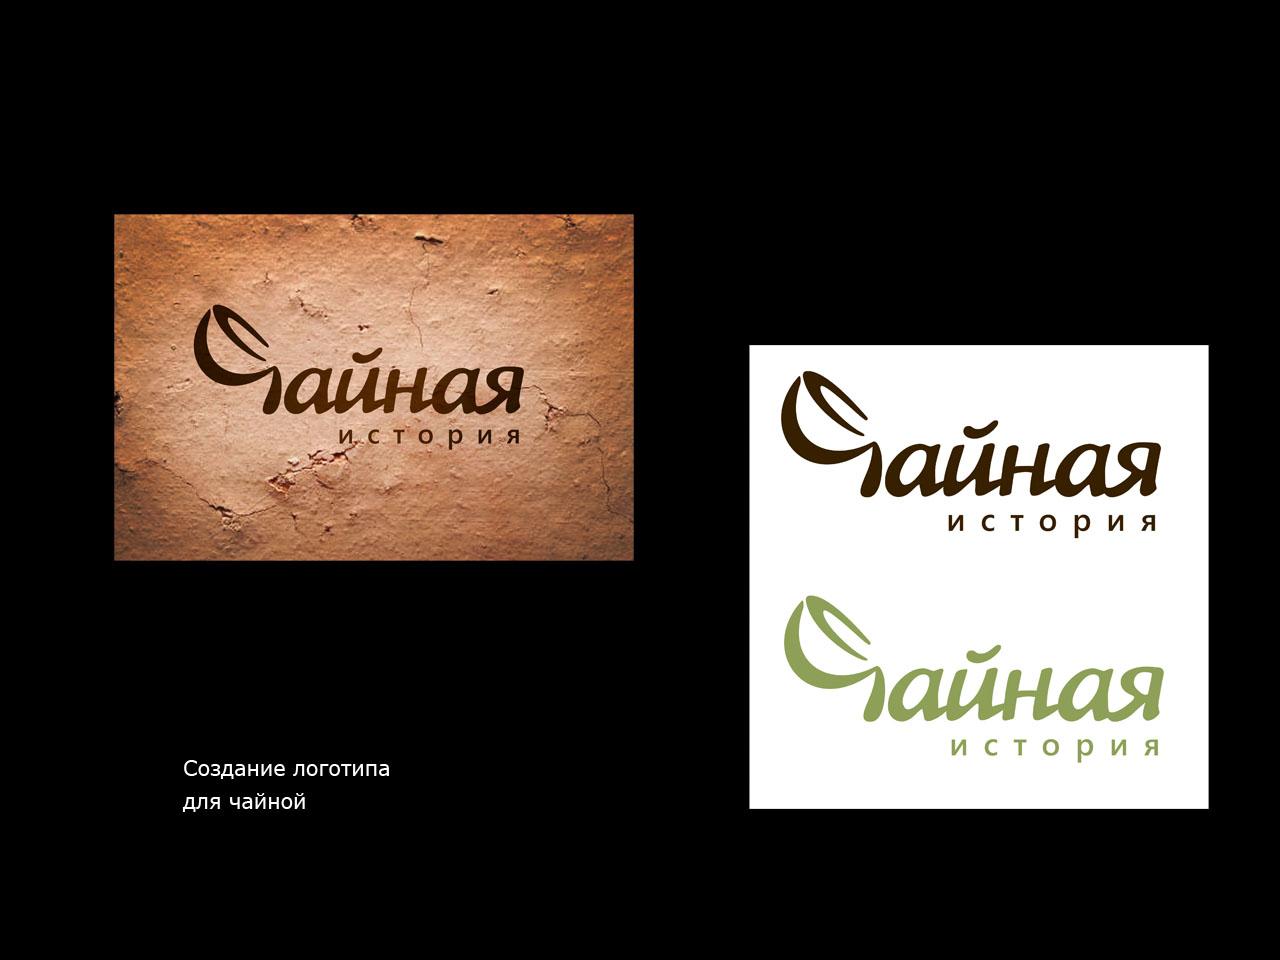 Эскиз логотипа для чайного магазина